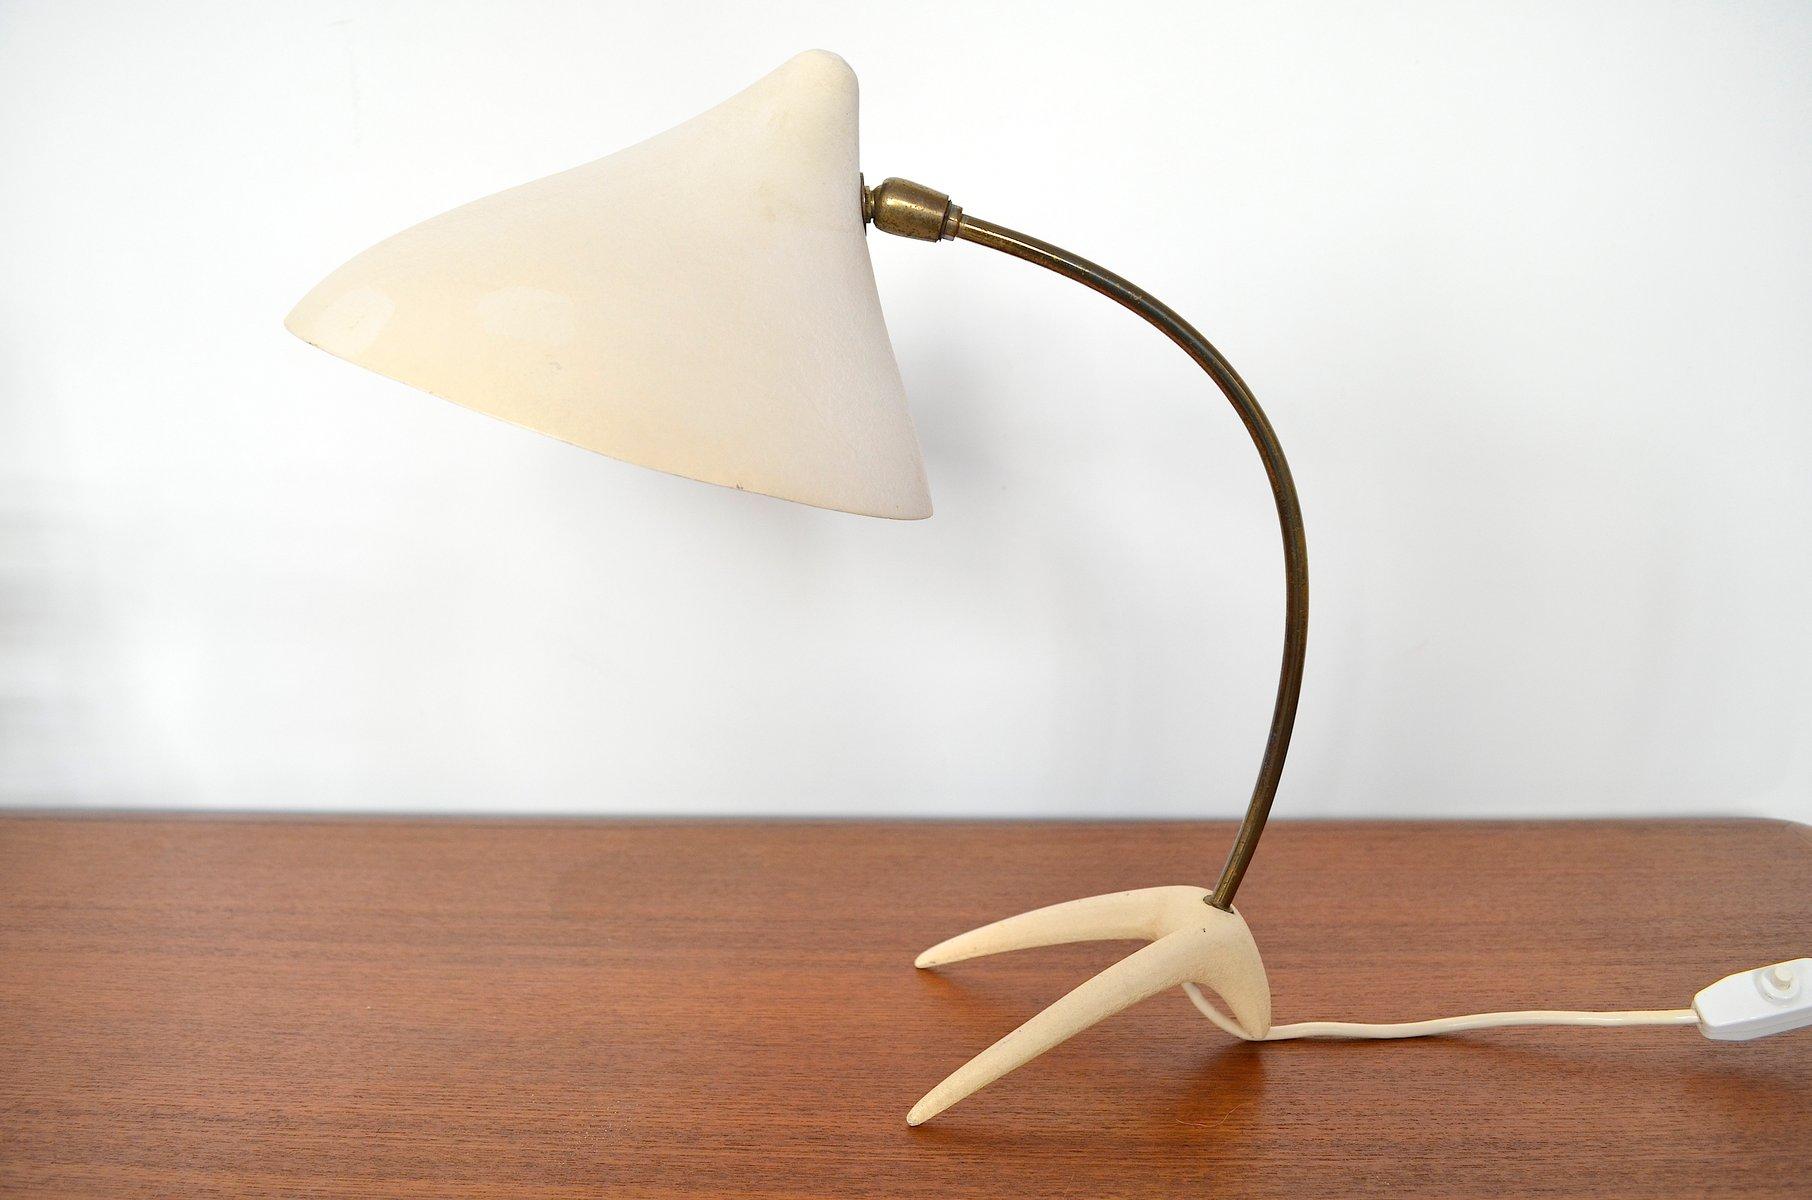 Lampada da tavolo di louis kalff per philips anni 39 50 in - Lampada da tavolo philips ...